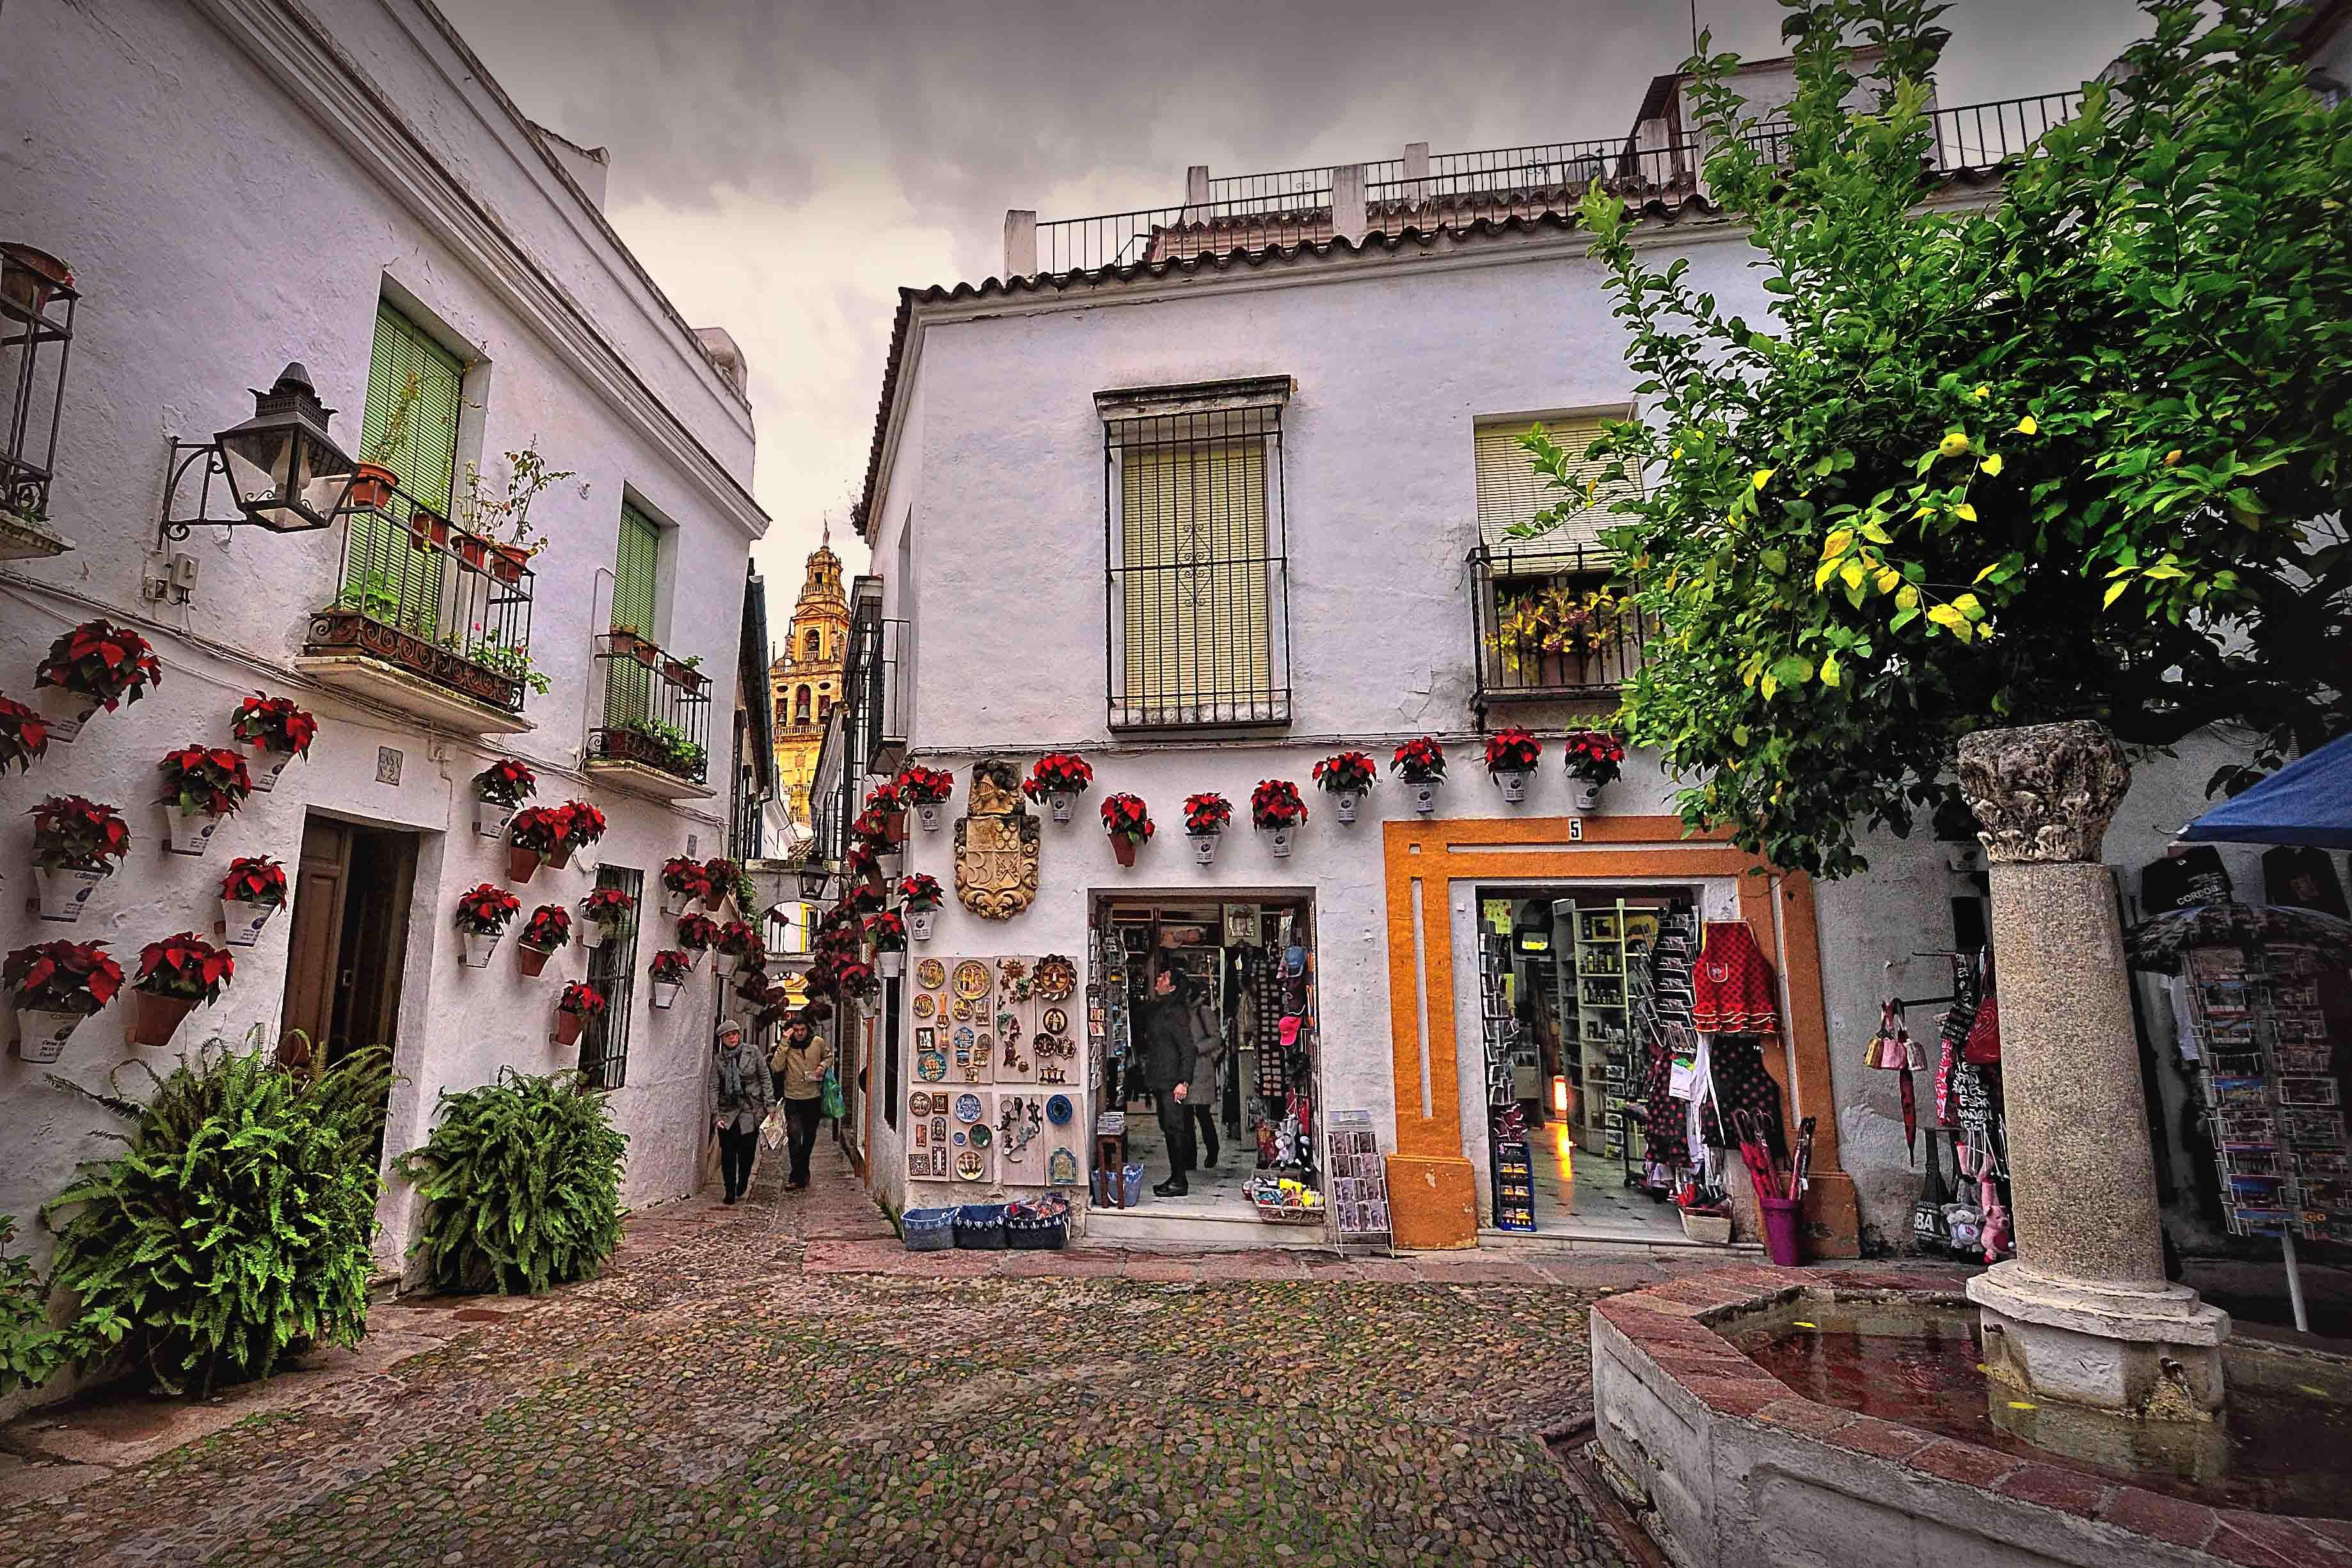 Đường Calleja de las Flores